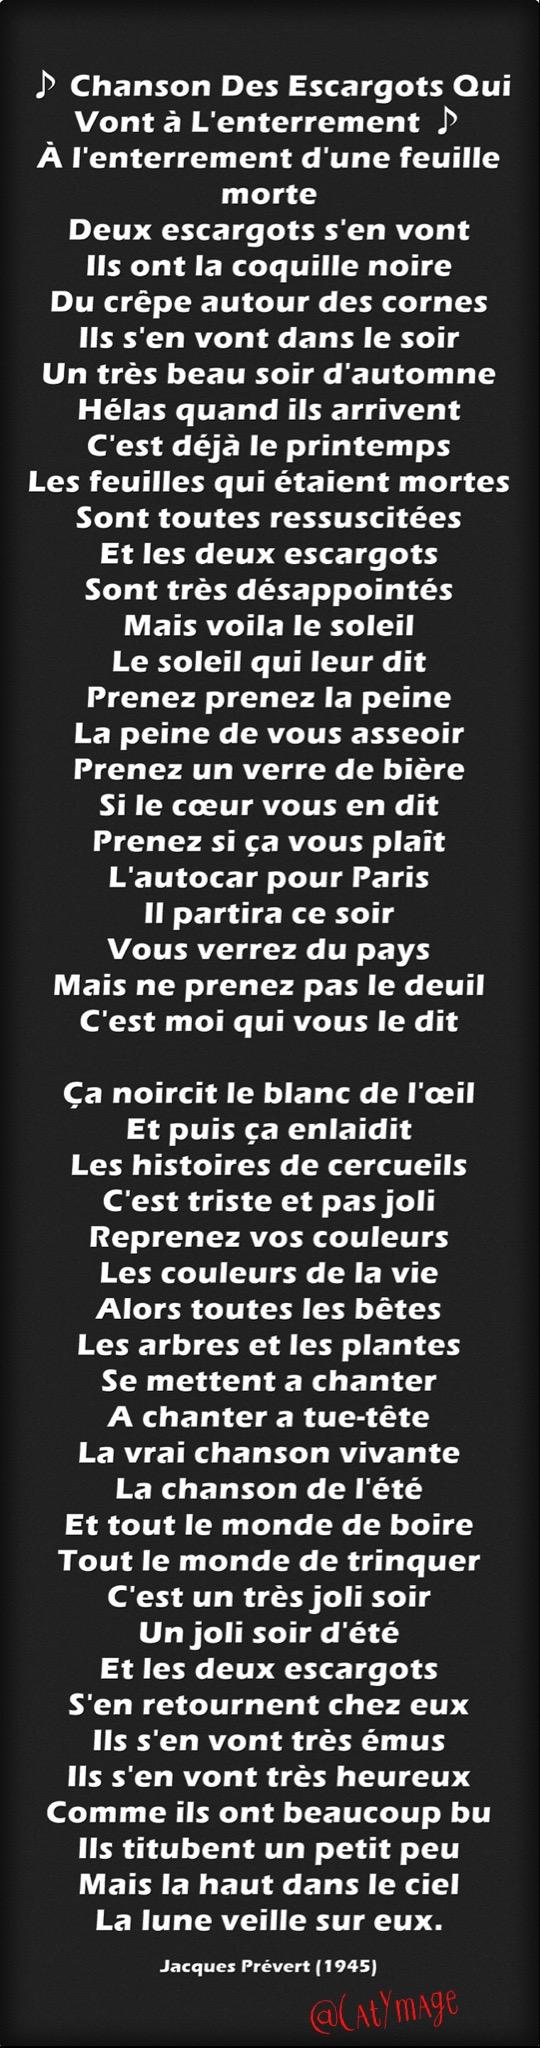 Jacques Prévert Chanson Des Escargots Qui Vont A L'enterrement : jacques, prévert, chanson, escargots, l'enterrement, Chanson, Escargots, L'enterrement, D'une, Feuille, Morte, Il…, Jacques, Prevert, Poeme,, Chanson,, Poeme